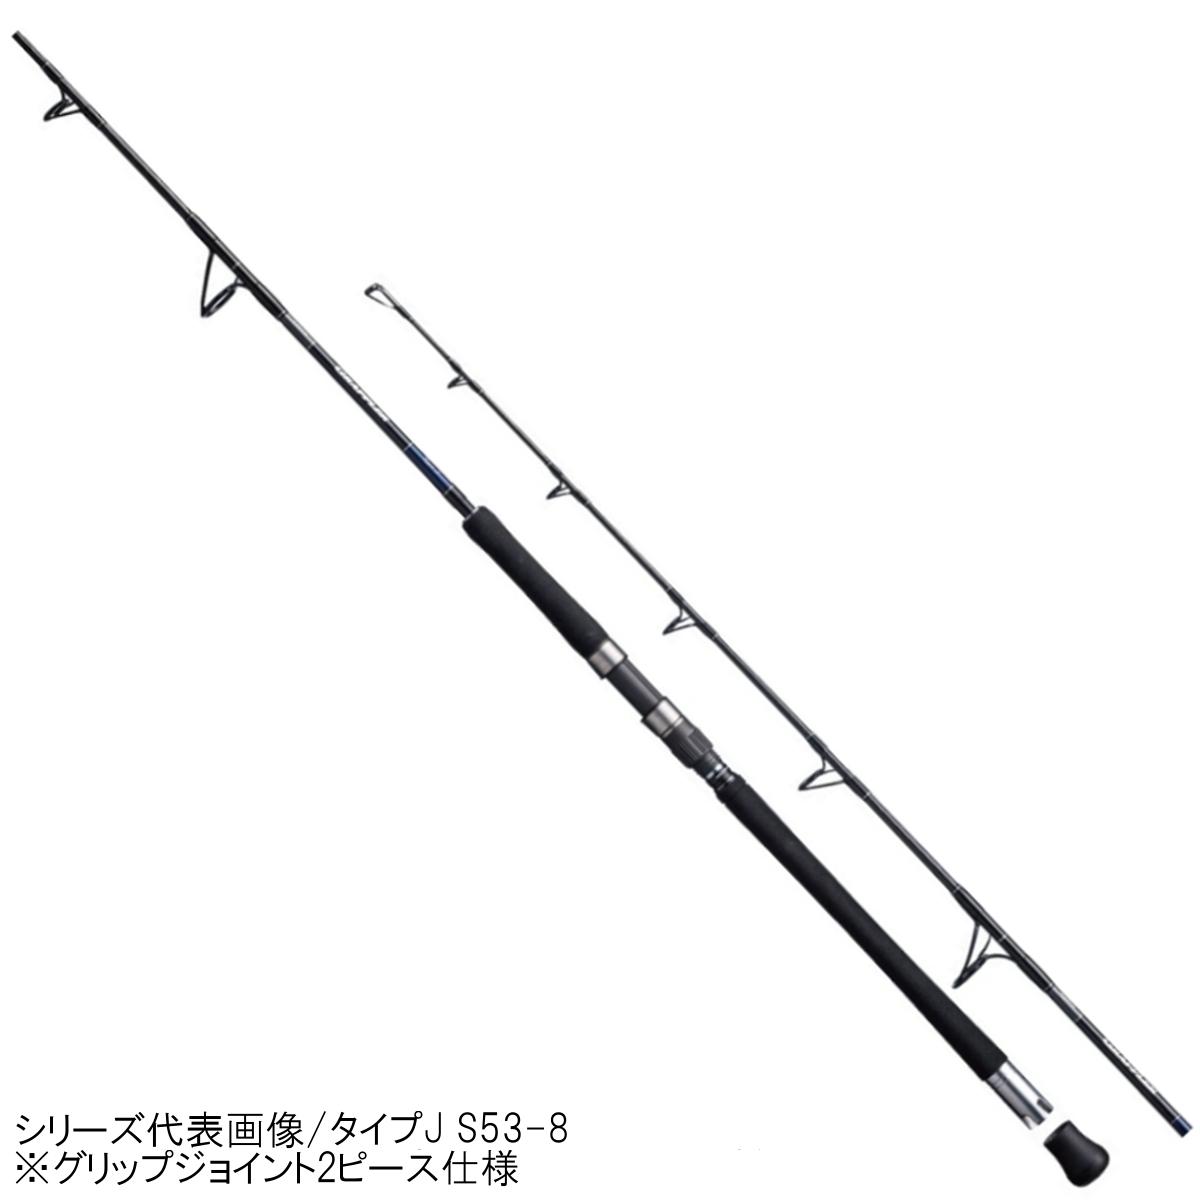 シマノ グラップラー タイプJ S56-6